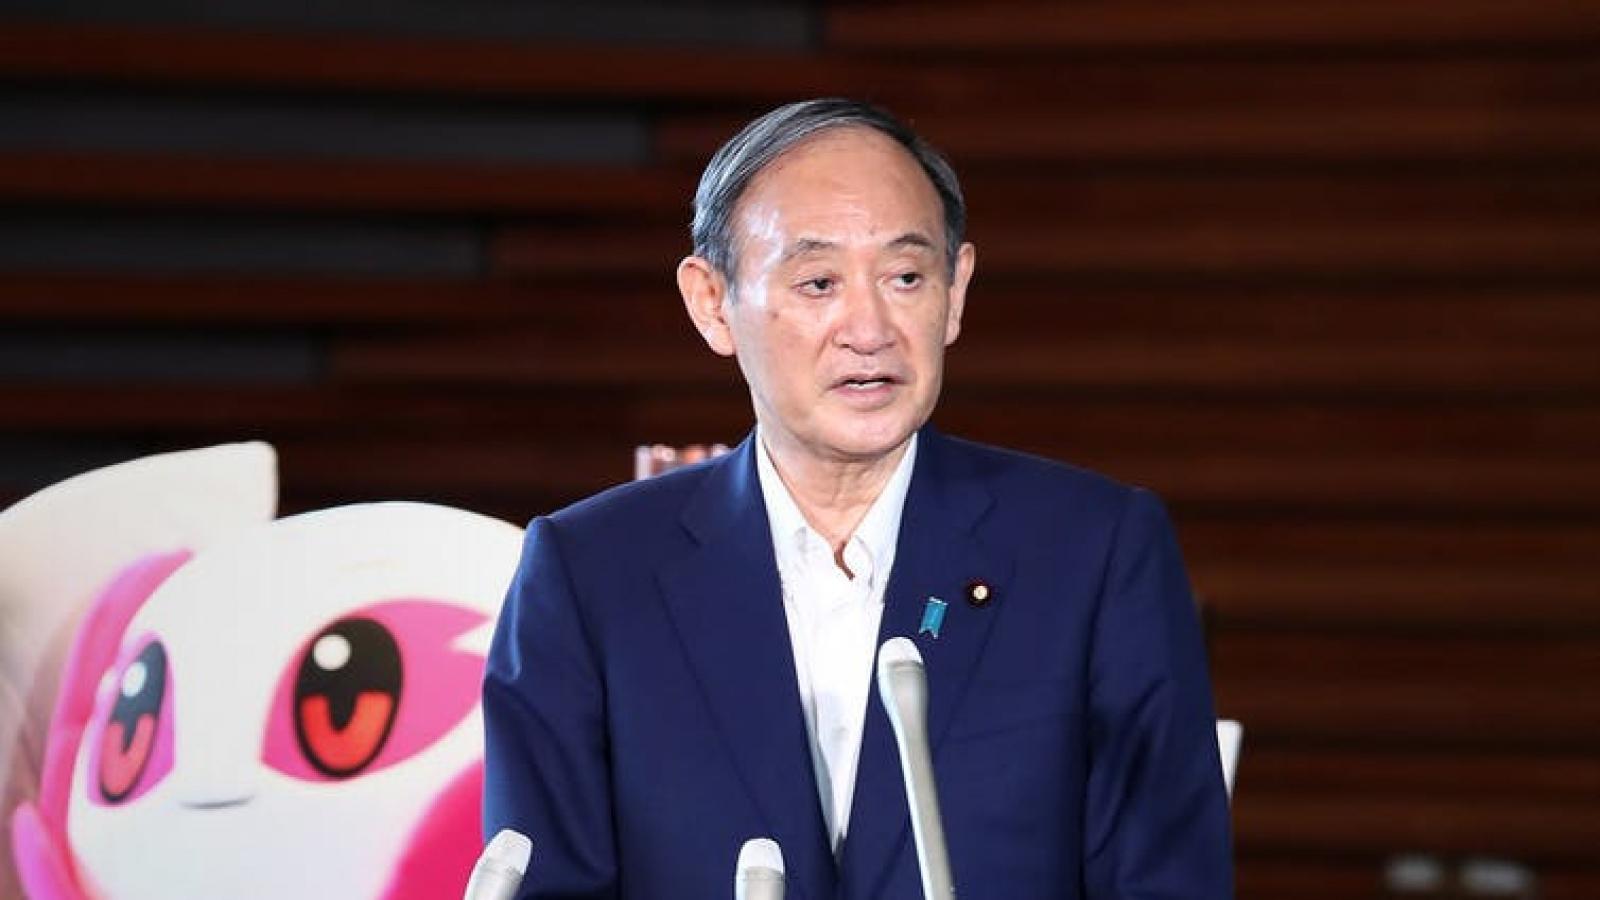 Lộ diện những gương mặt tiềm năng chovị tríThủ tướng Nhật Bản